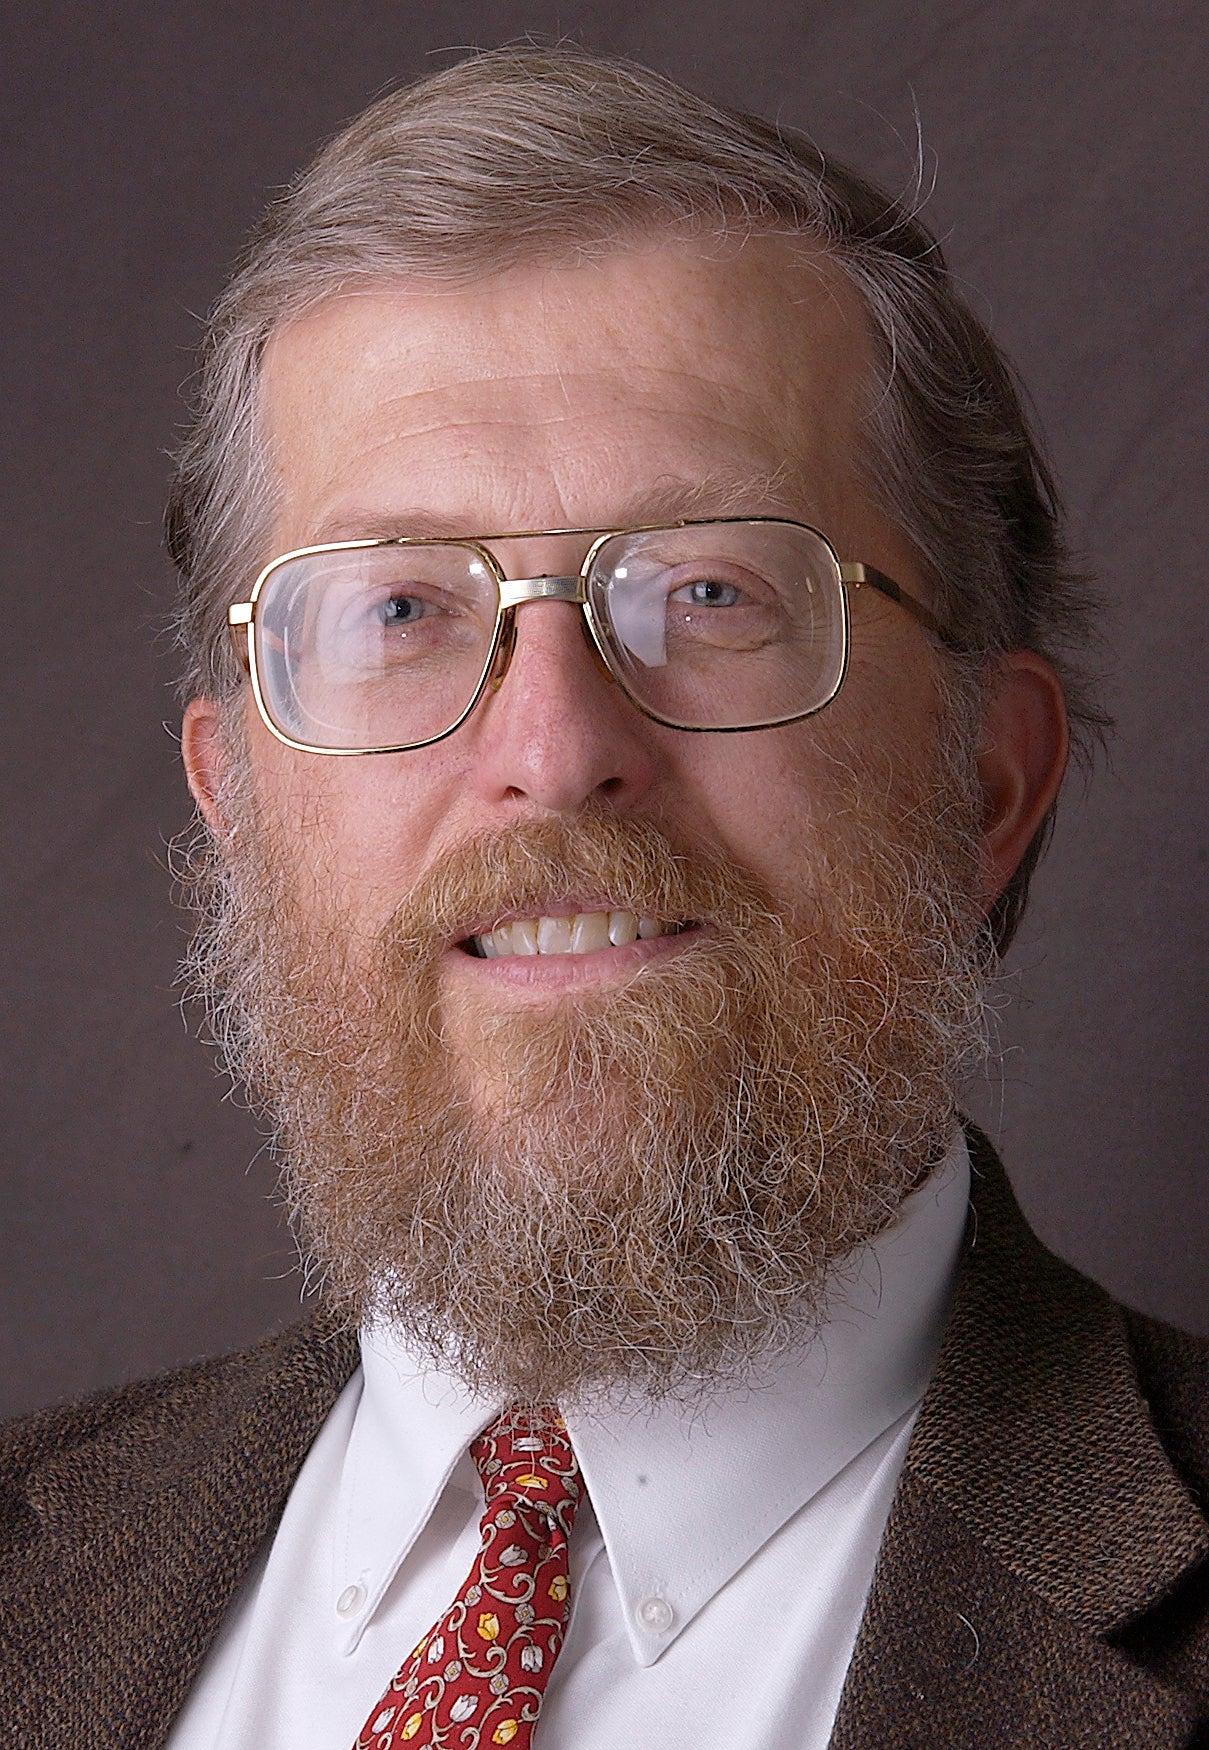 James Lowenberg-Deboer